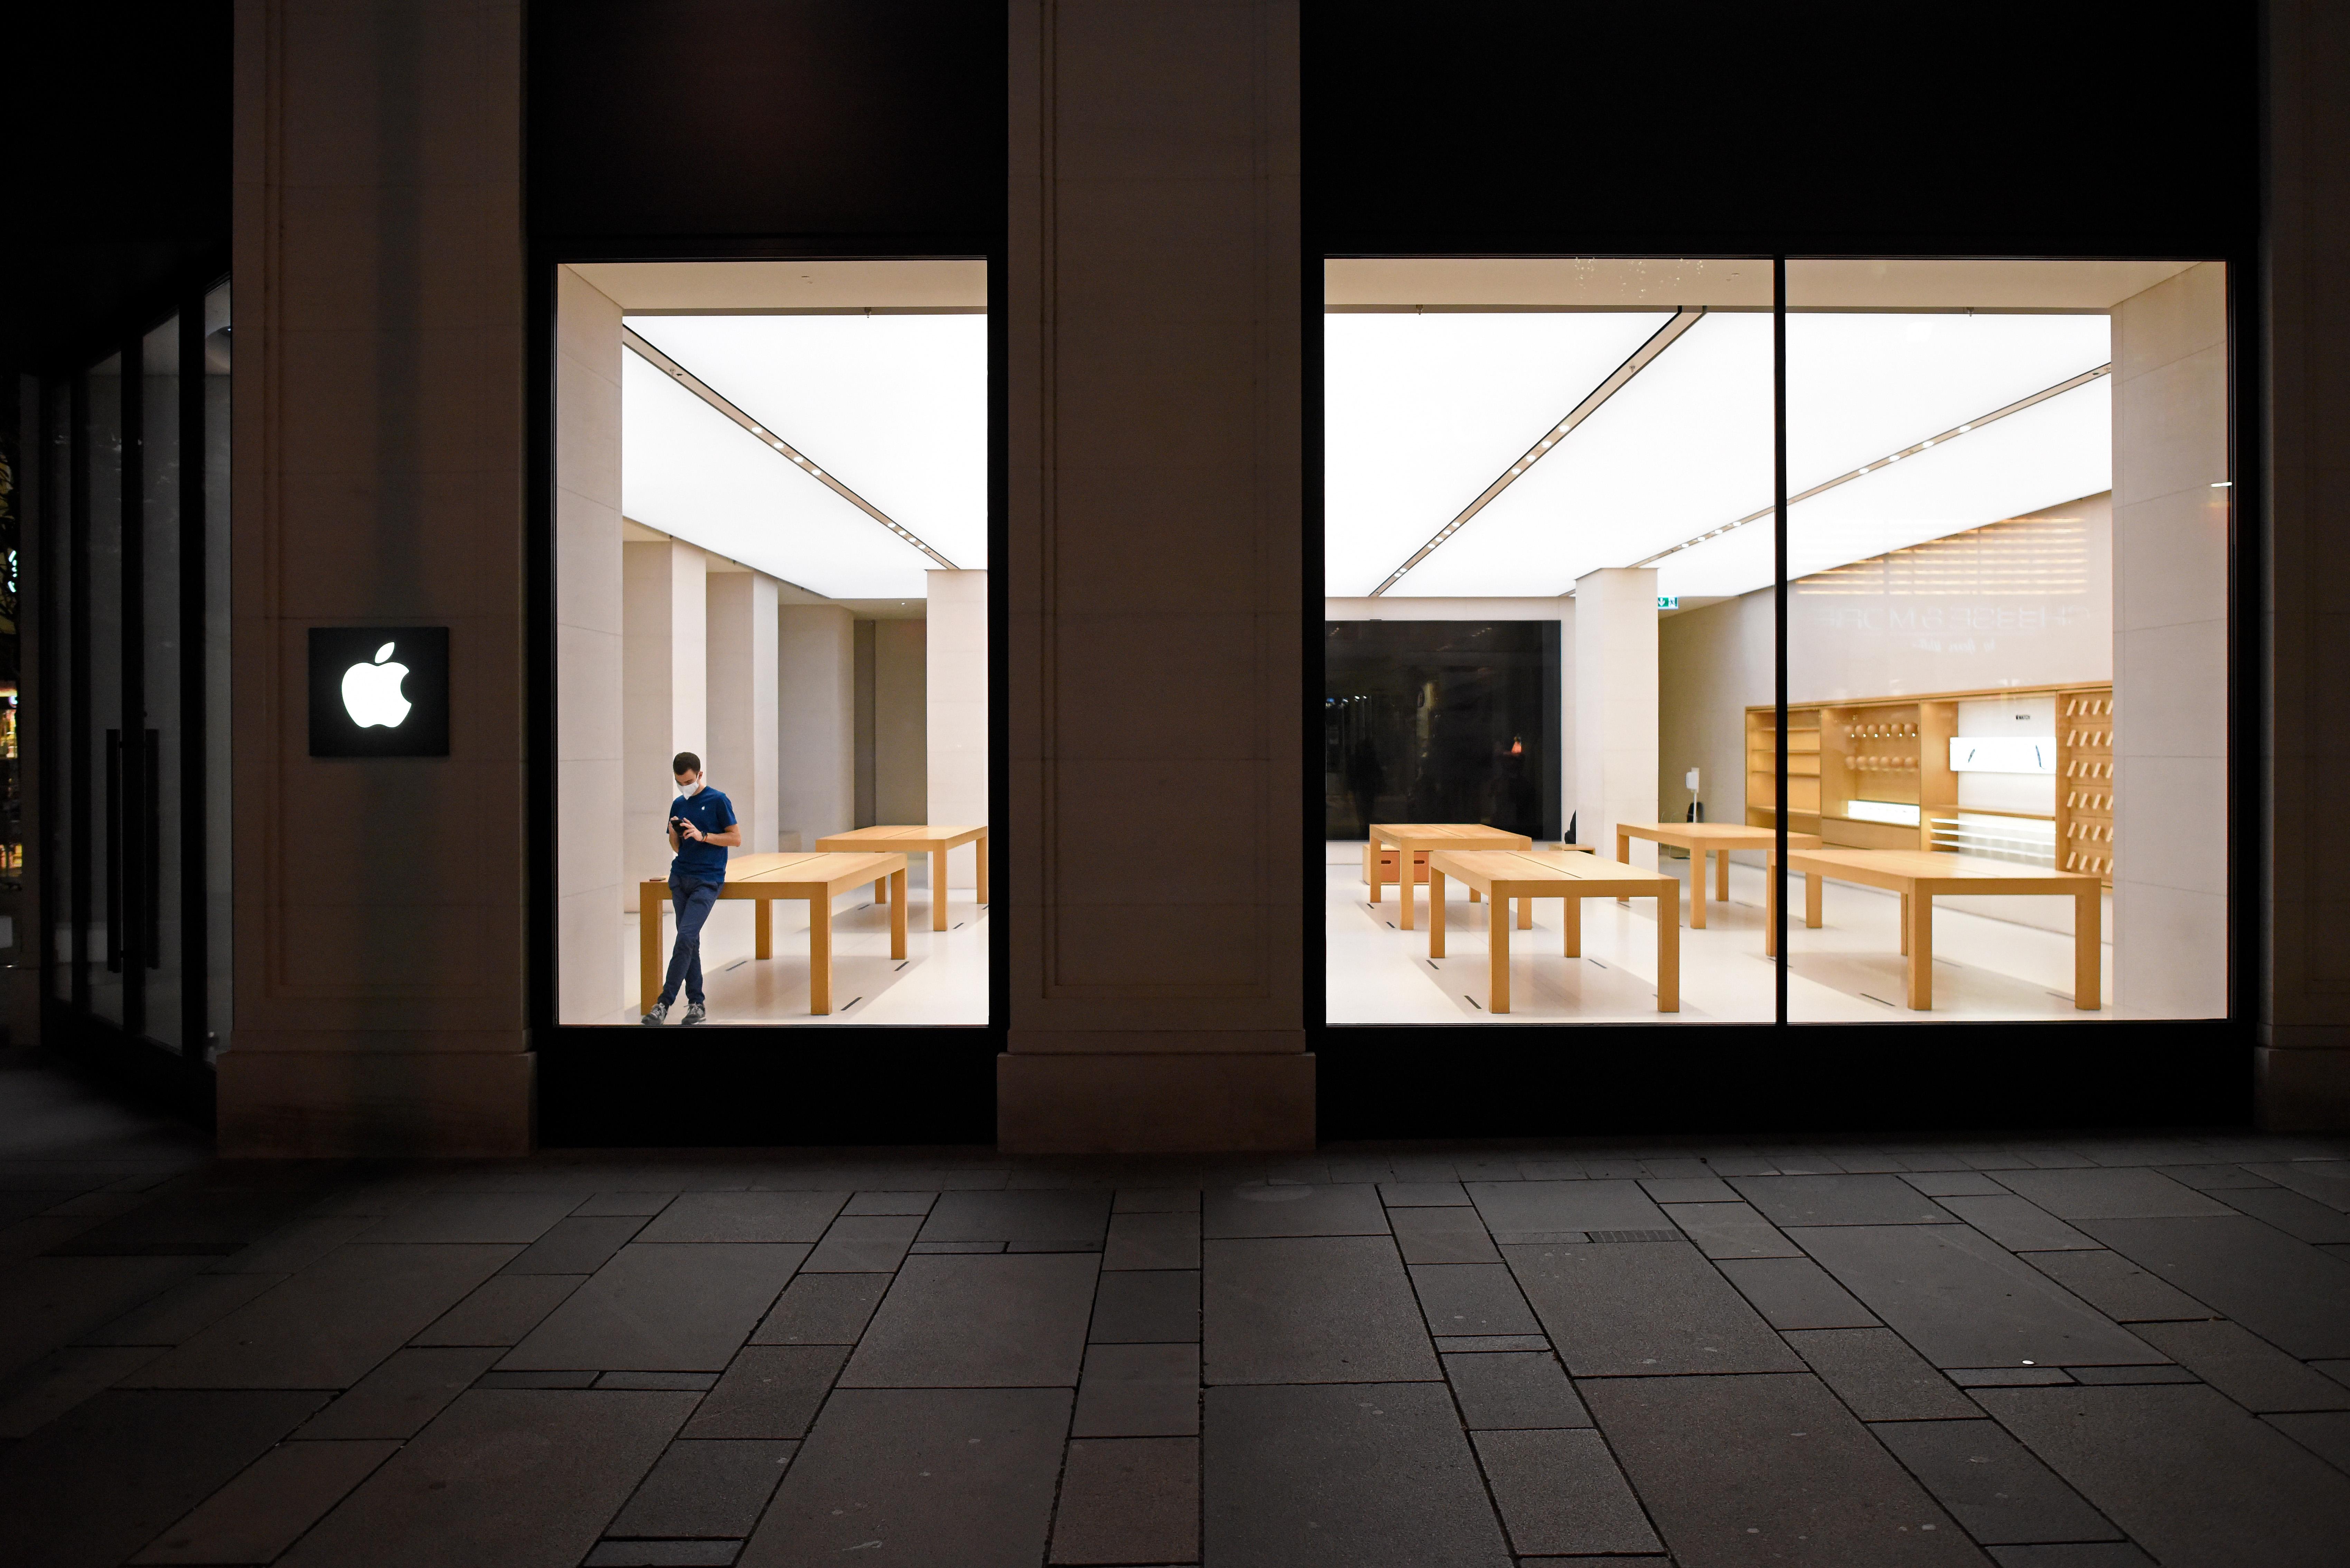 A worker inside an empty Apple store.